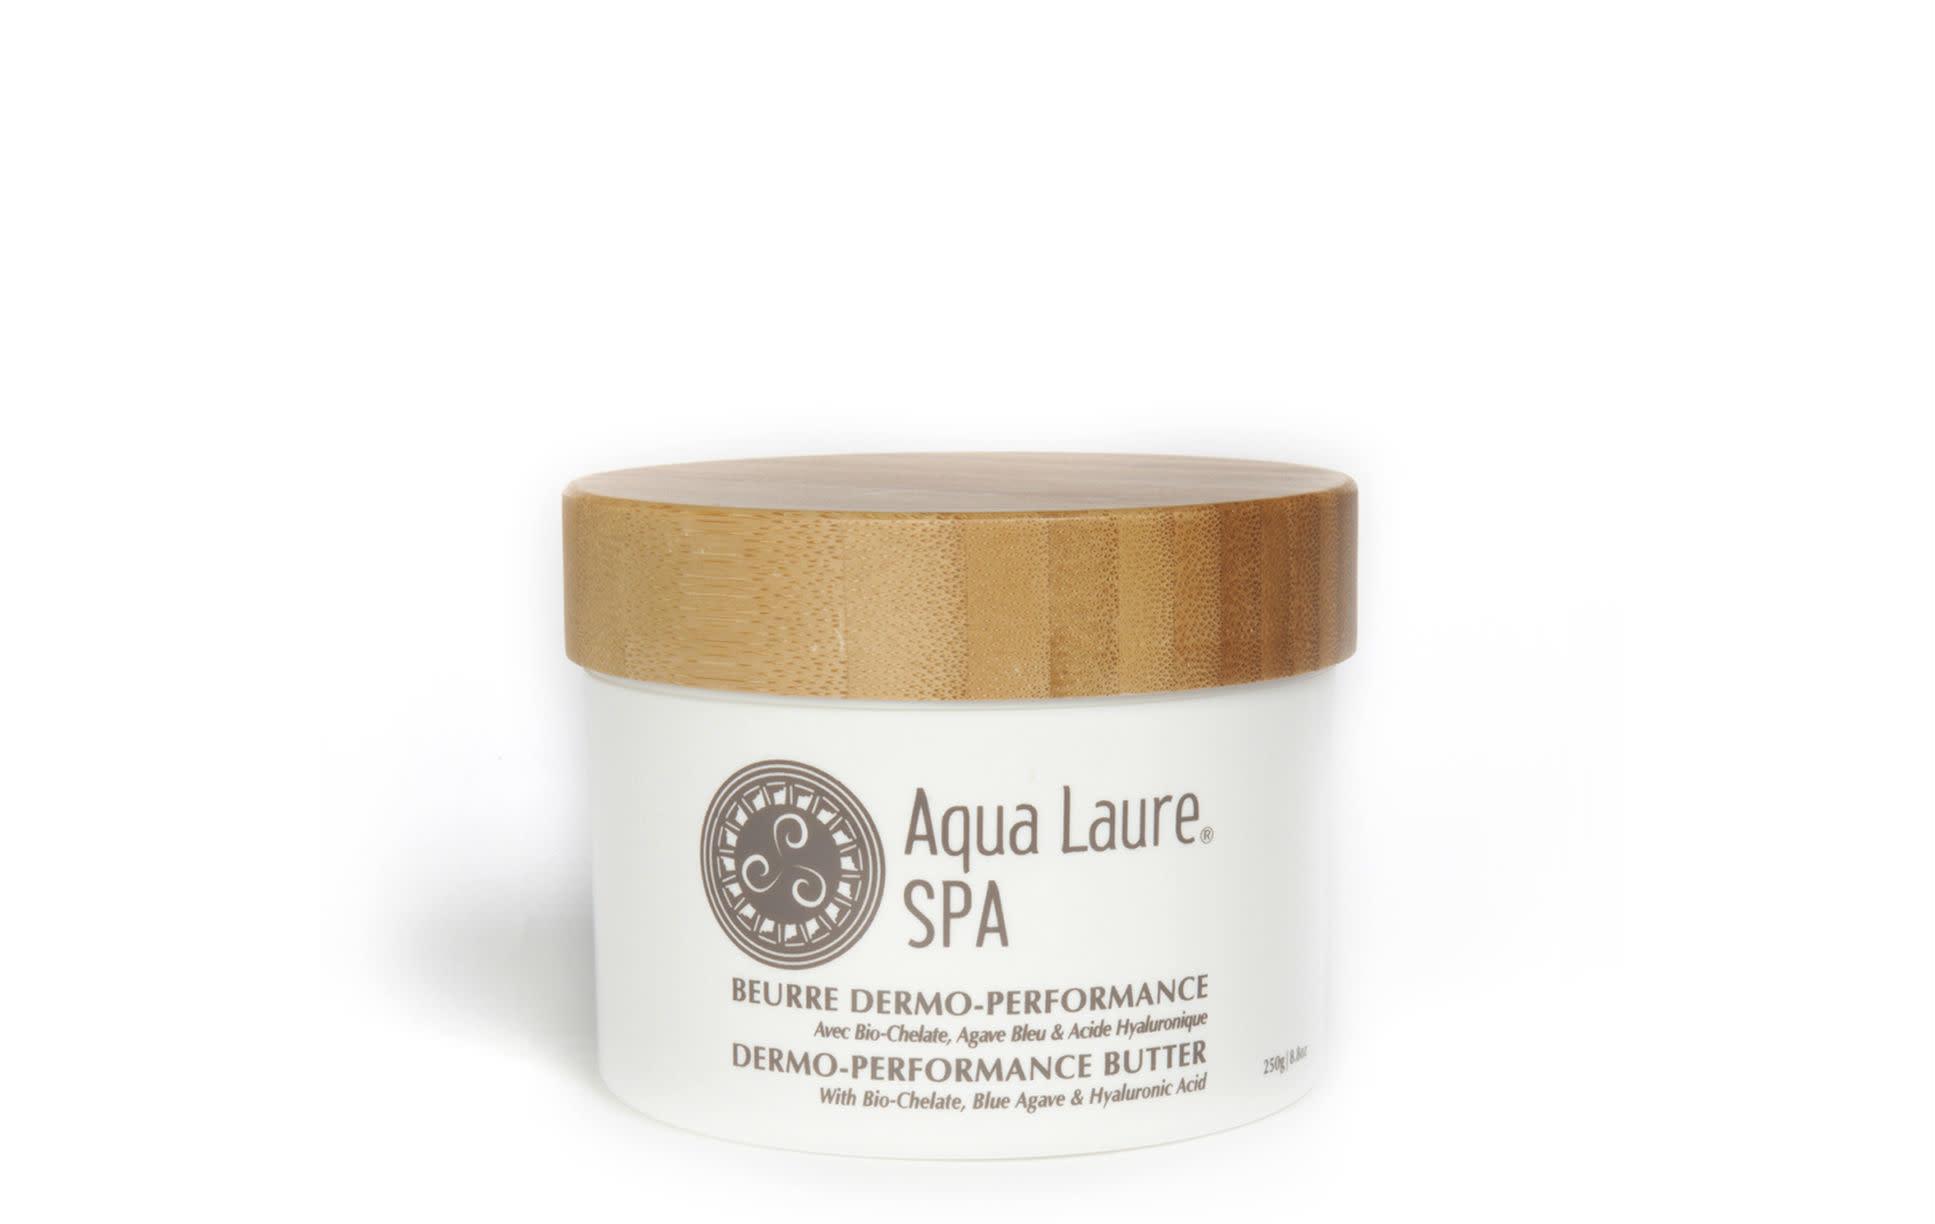 AquaLaure AQUA LAURE Beurre Dermo-Performance